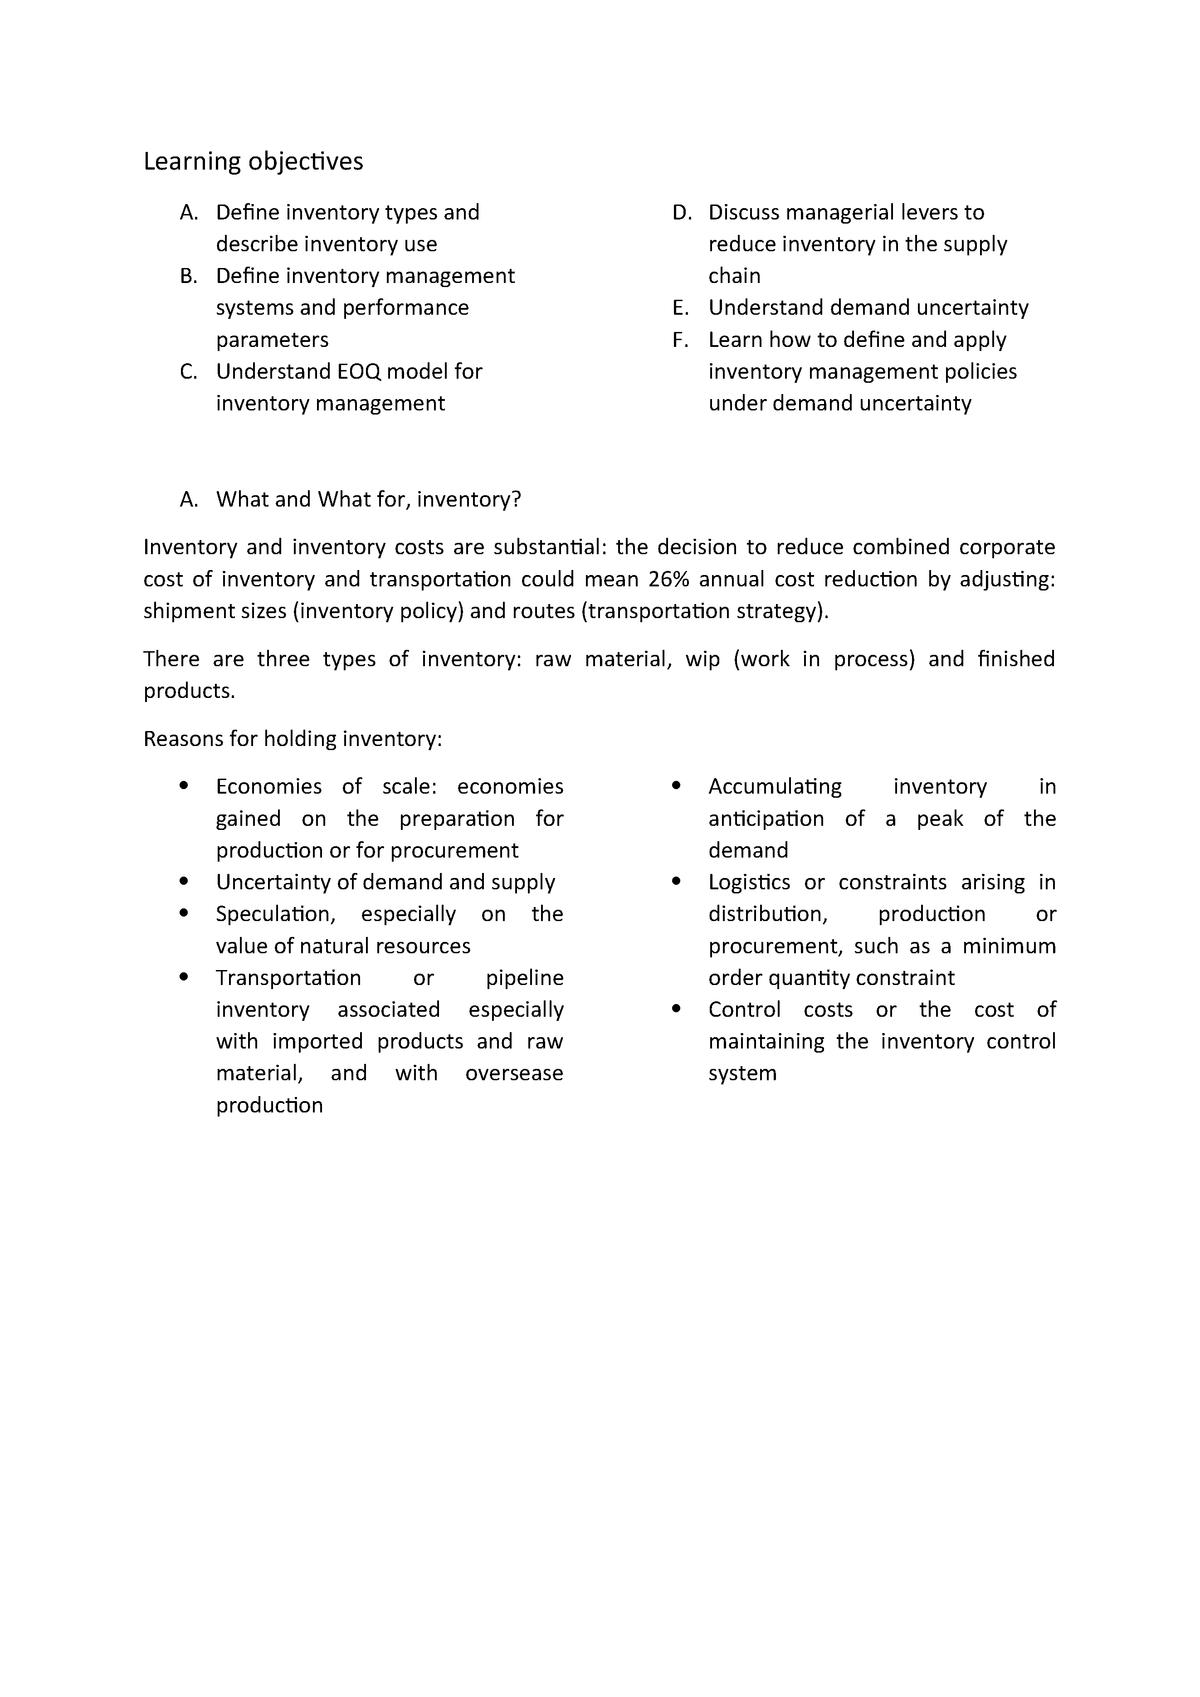 Session 2 et 3 - Notes de cours 2,3 - 903060: Supply Chain - StuDocu